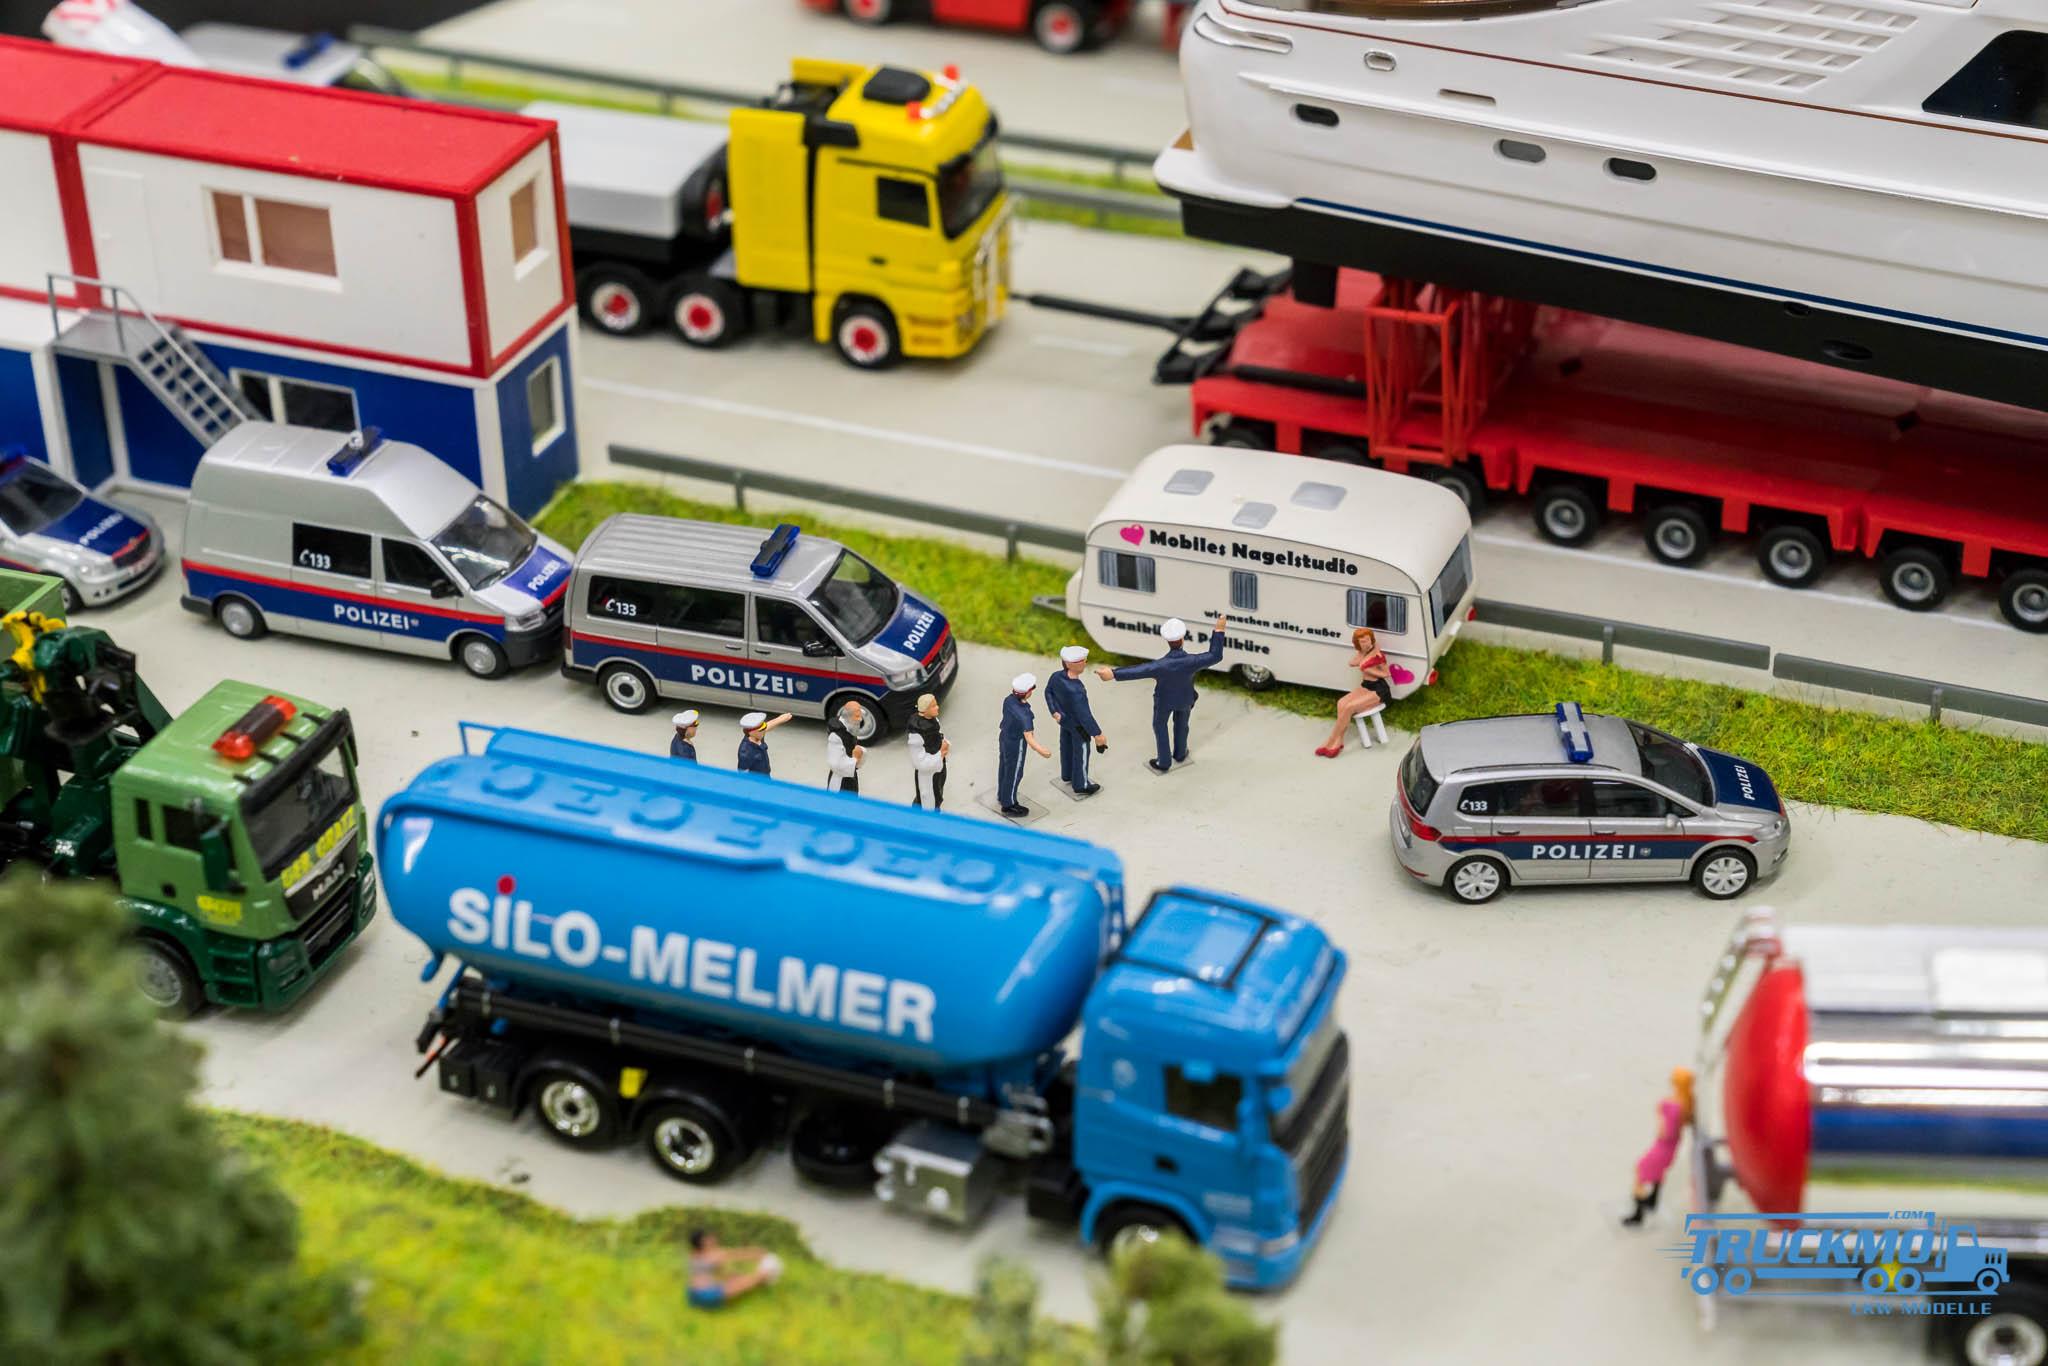 Truckmo_Modellbau_Ried_2017_Herpa_Messe_Modellbauausstellung (263 von 1177)